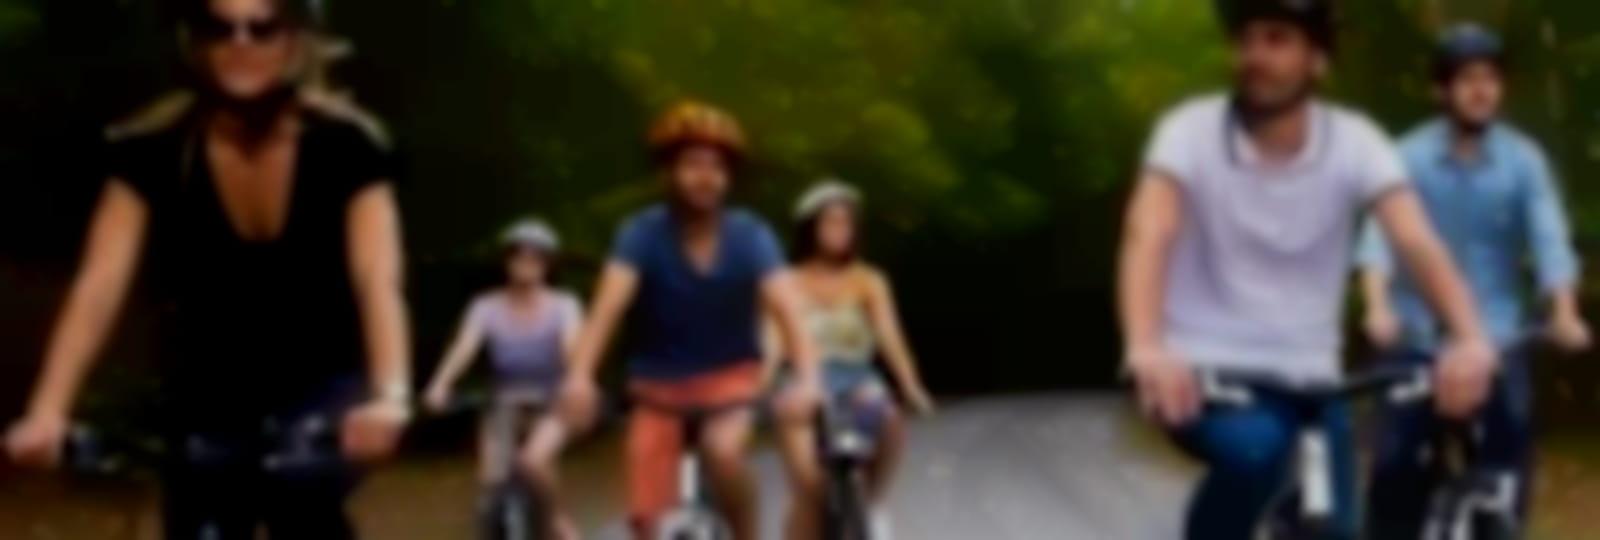 Vélo amis